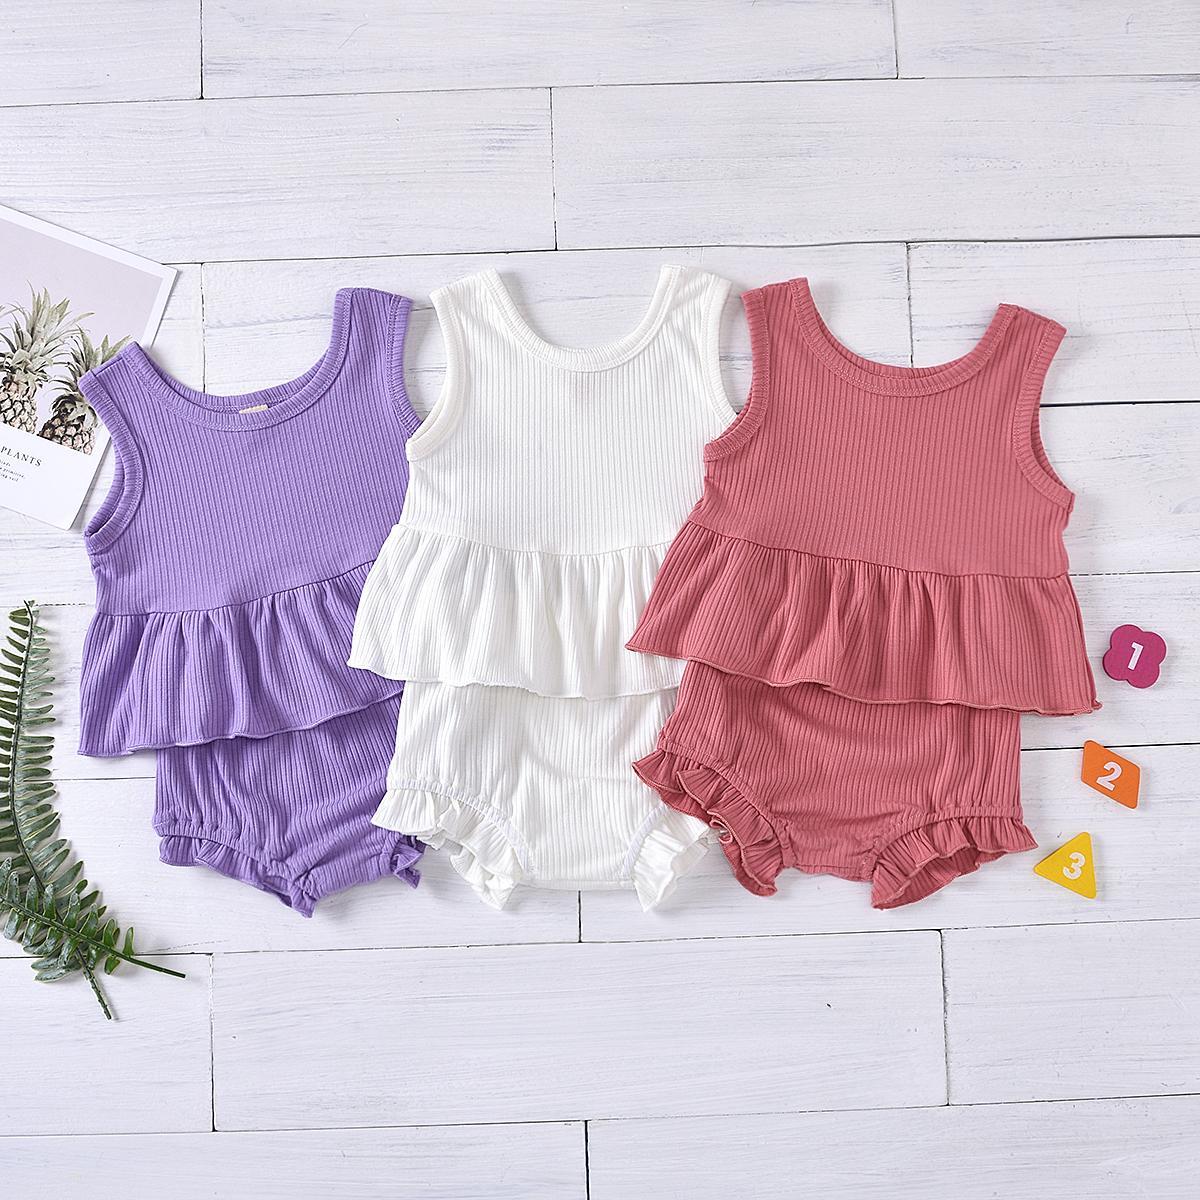 طفل طفلة الصبي مجموعة ملابس الصيف سترة بلا أكمام بلايز الزي السراويل 2PCS عطلة الأطفال